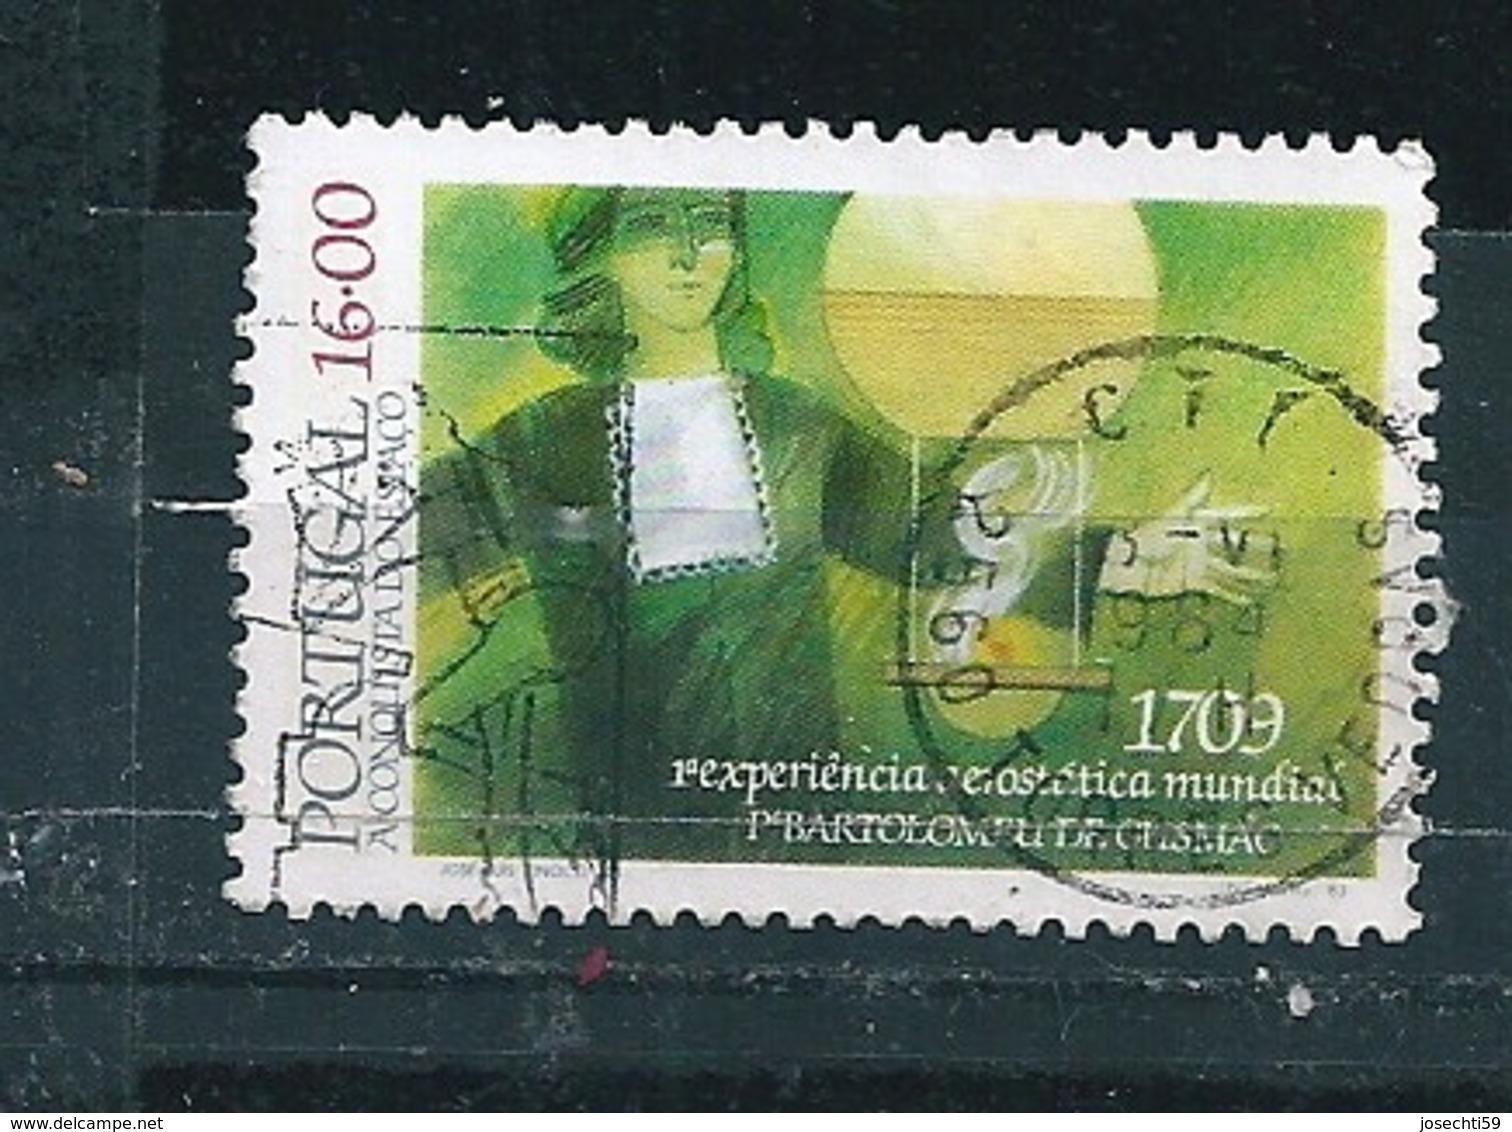 N° 1591 Conquête De L'espace  Timbre Portugal  Oblitéré 1983 - 1910-... République